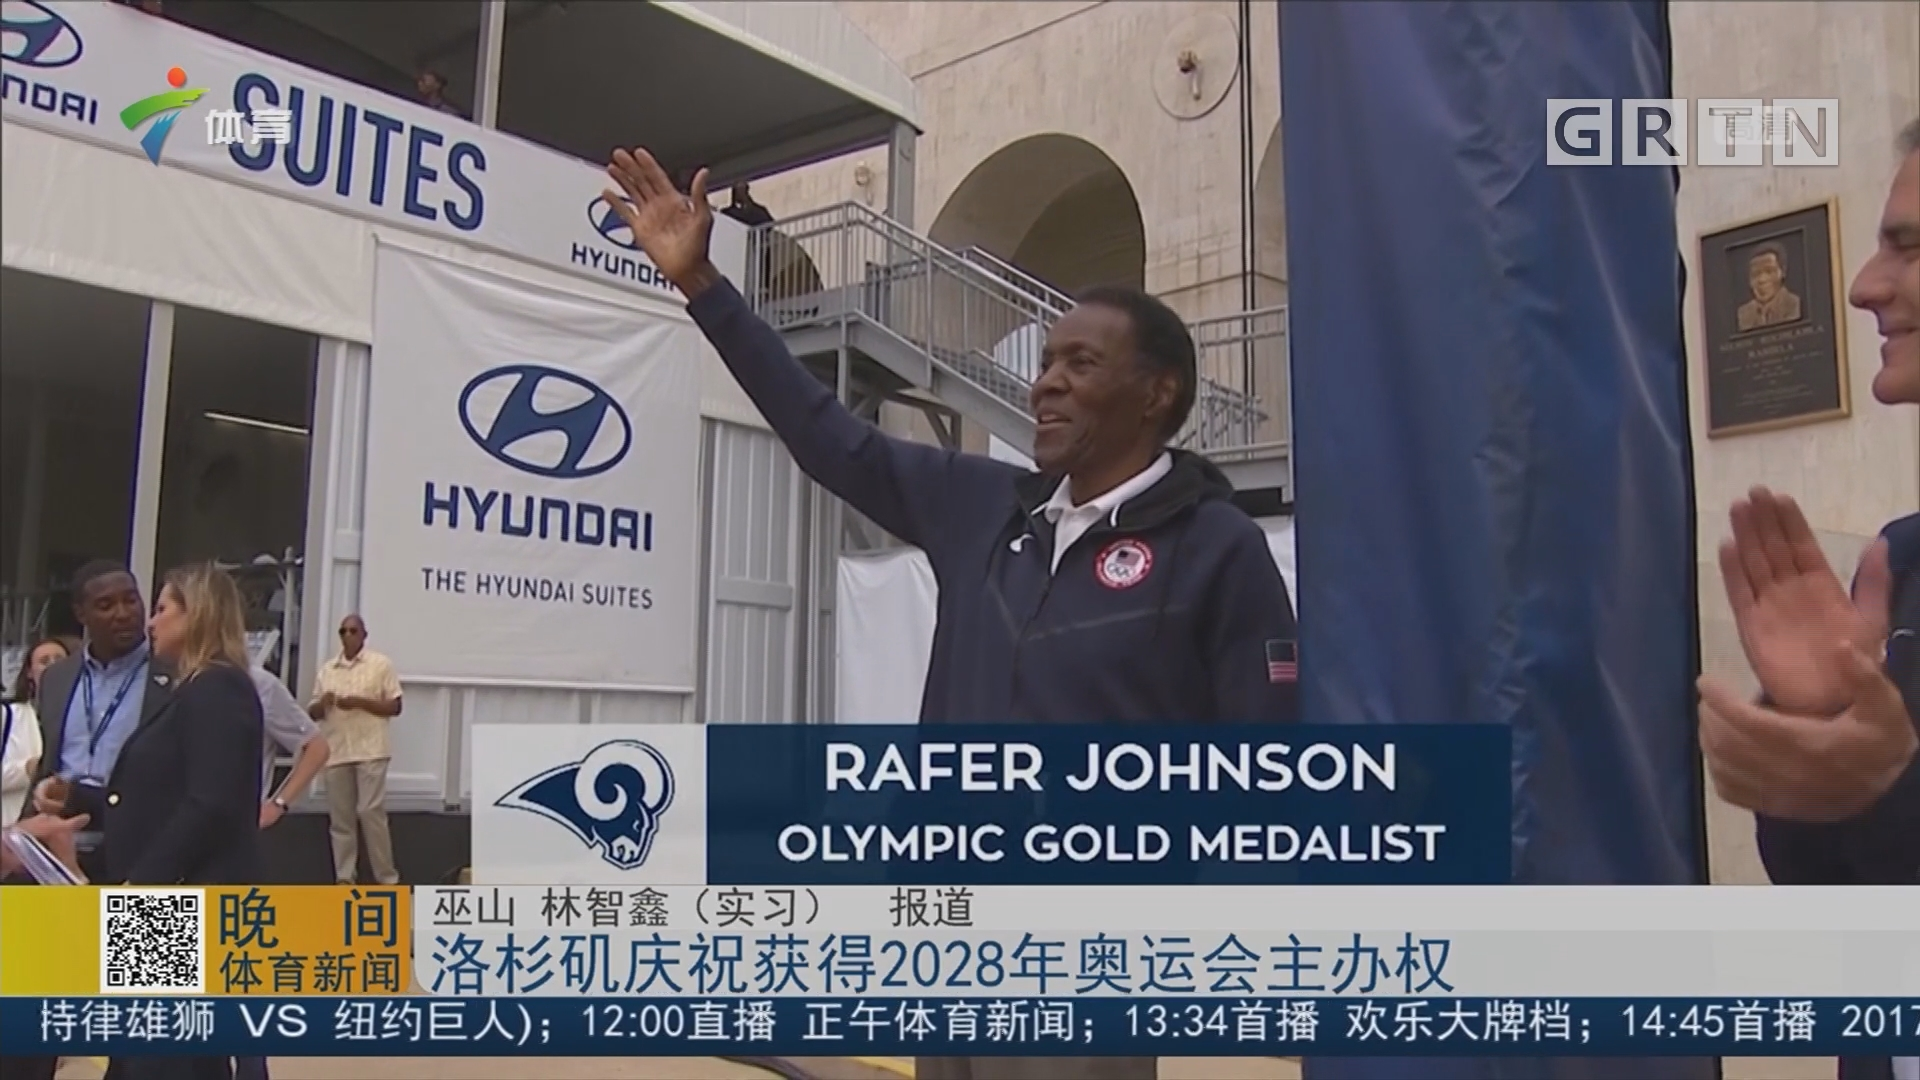 洛杉矶庆祝获得2028年奥运会主办权